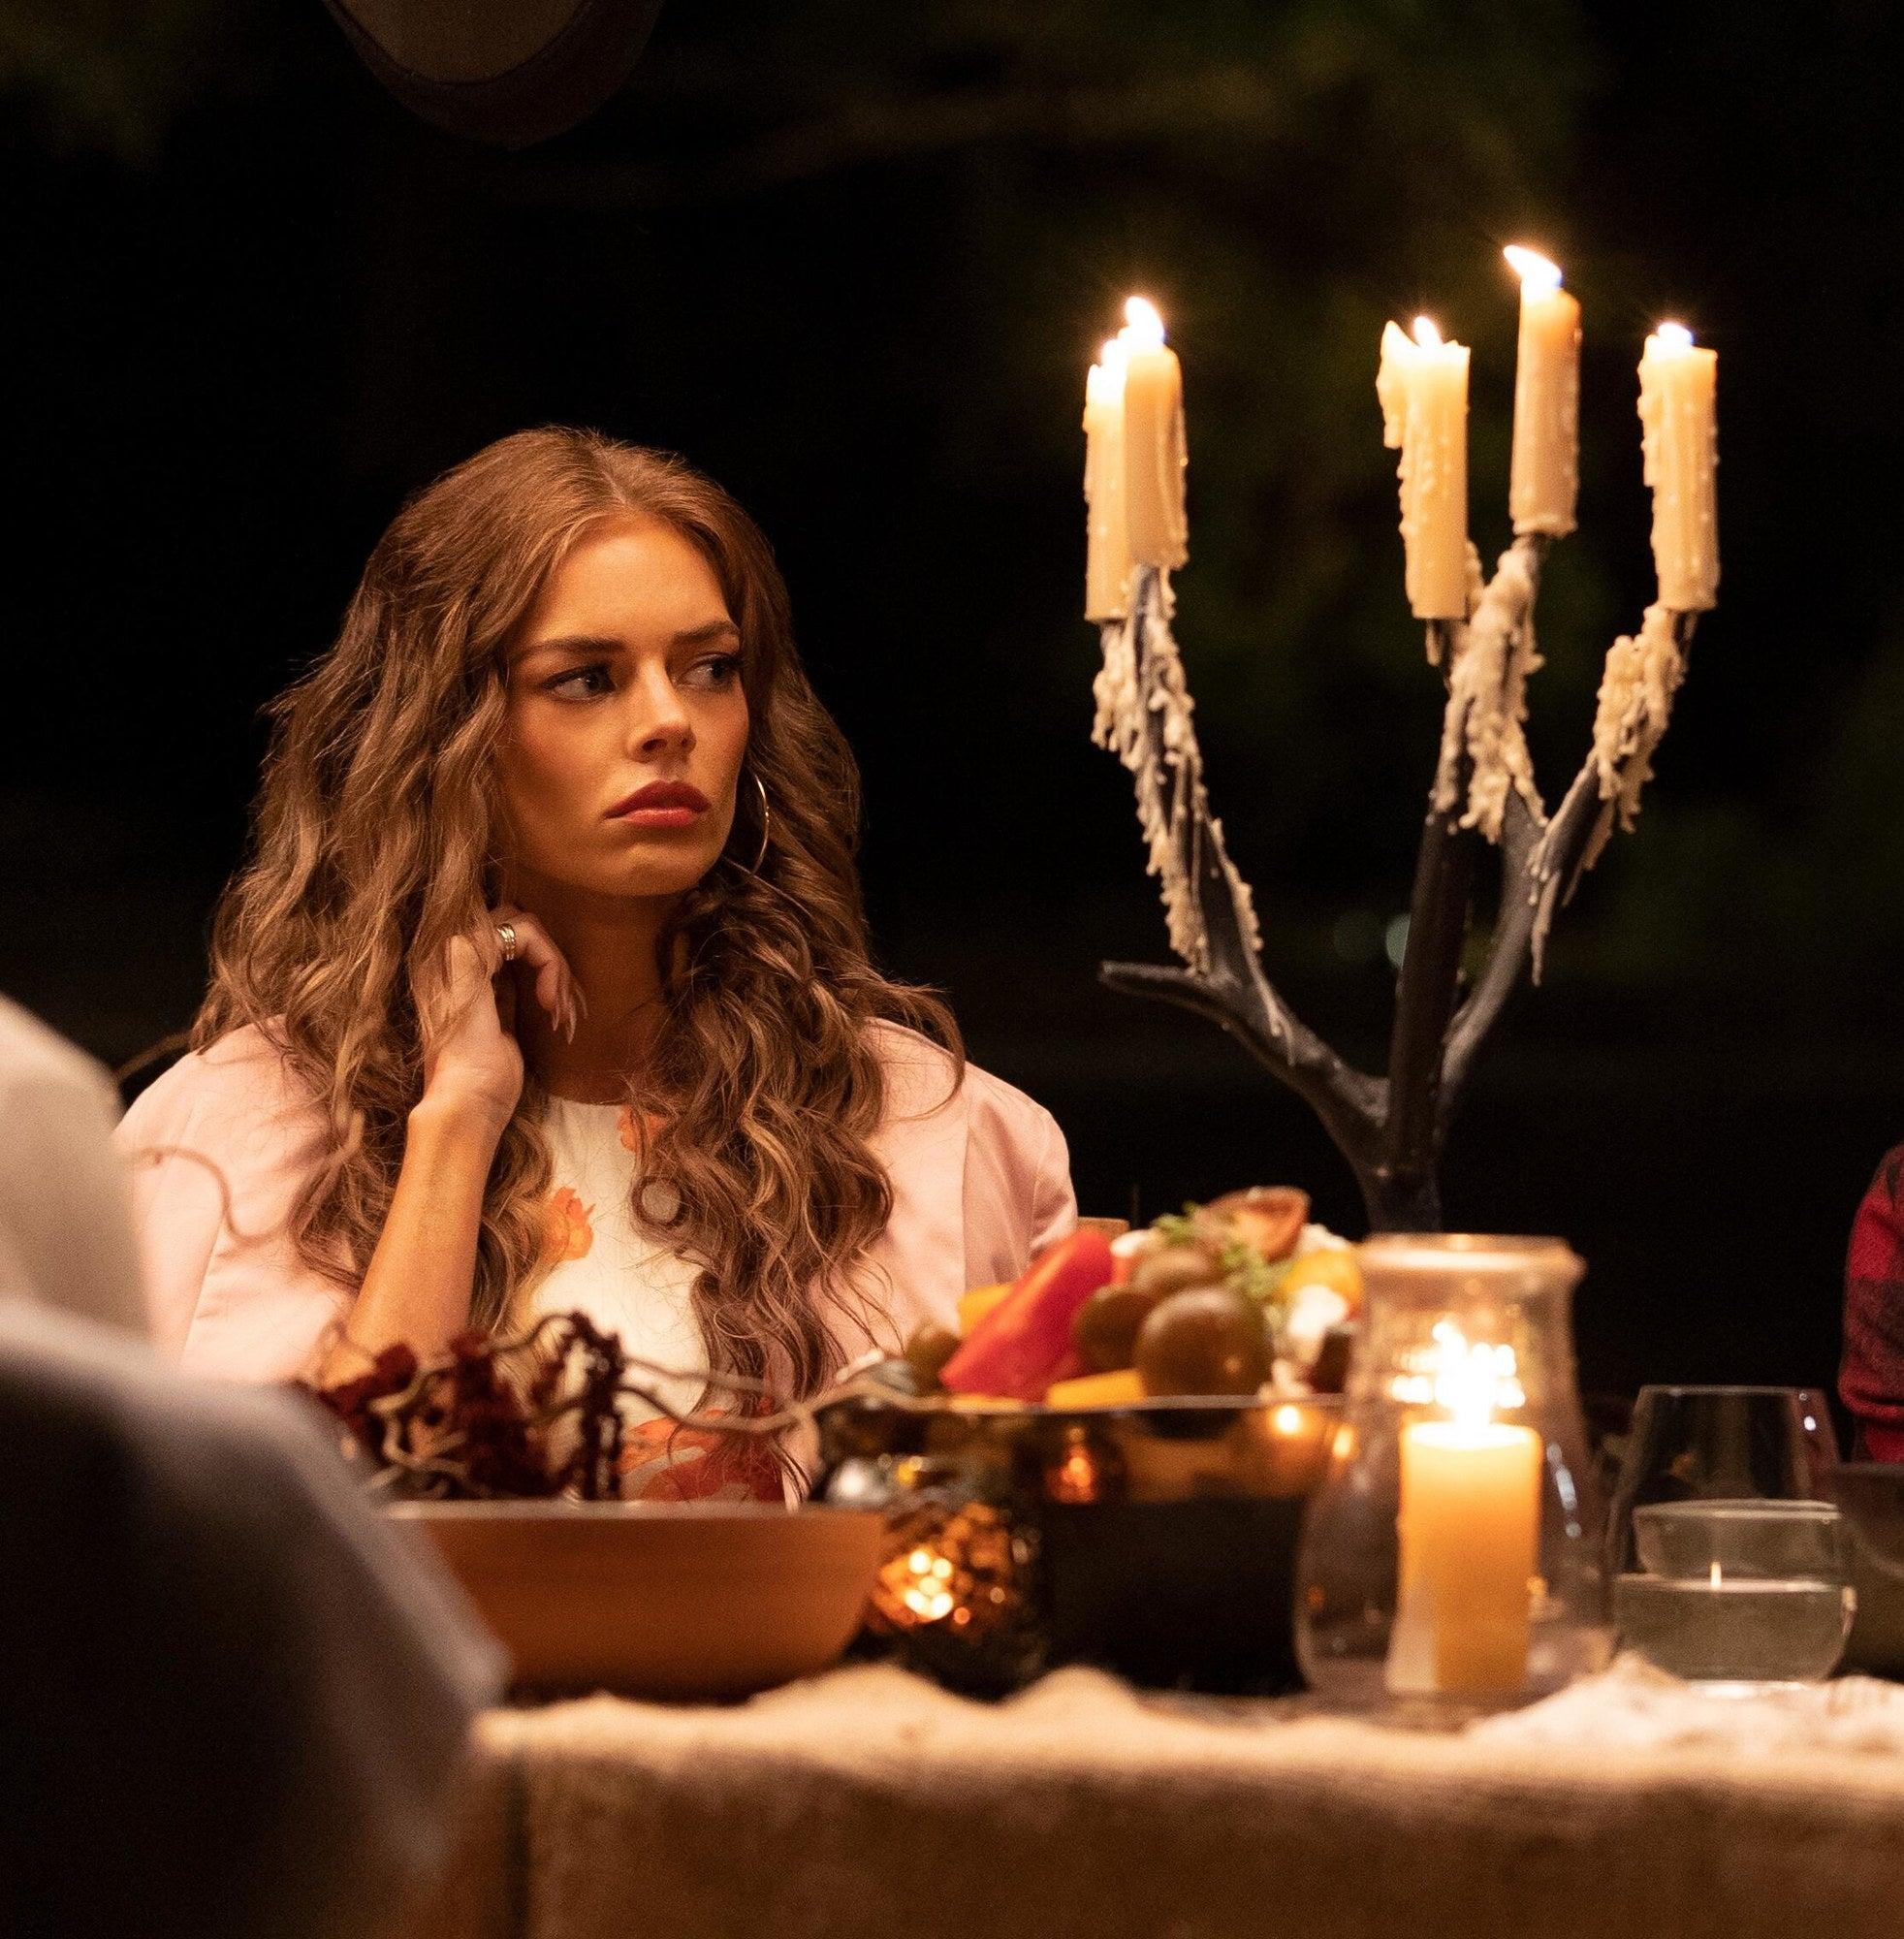 Samara Weaving sits at a dinner table